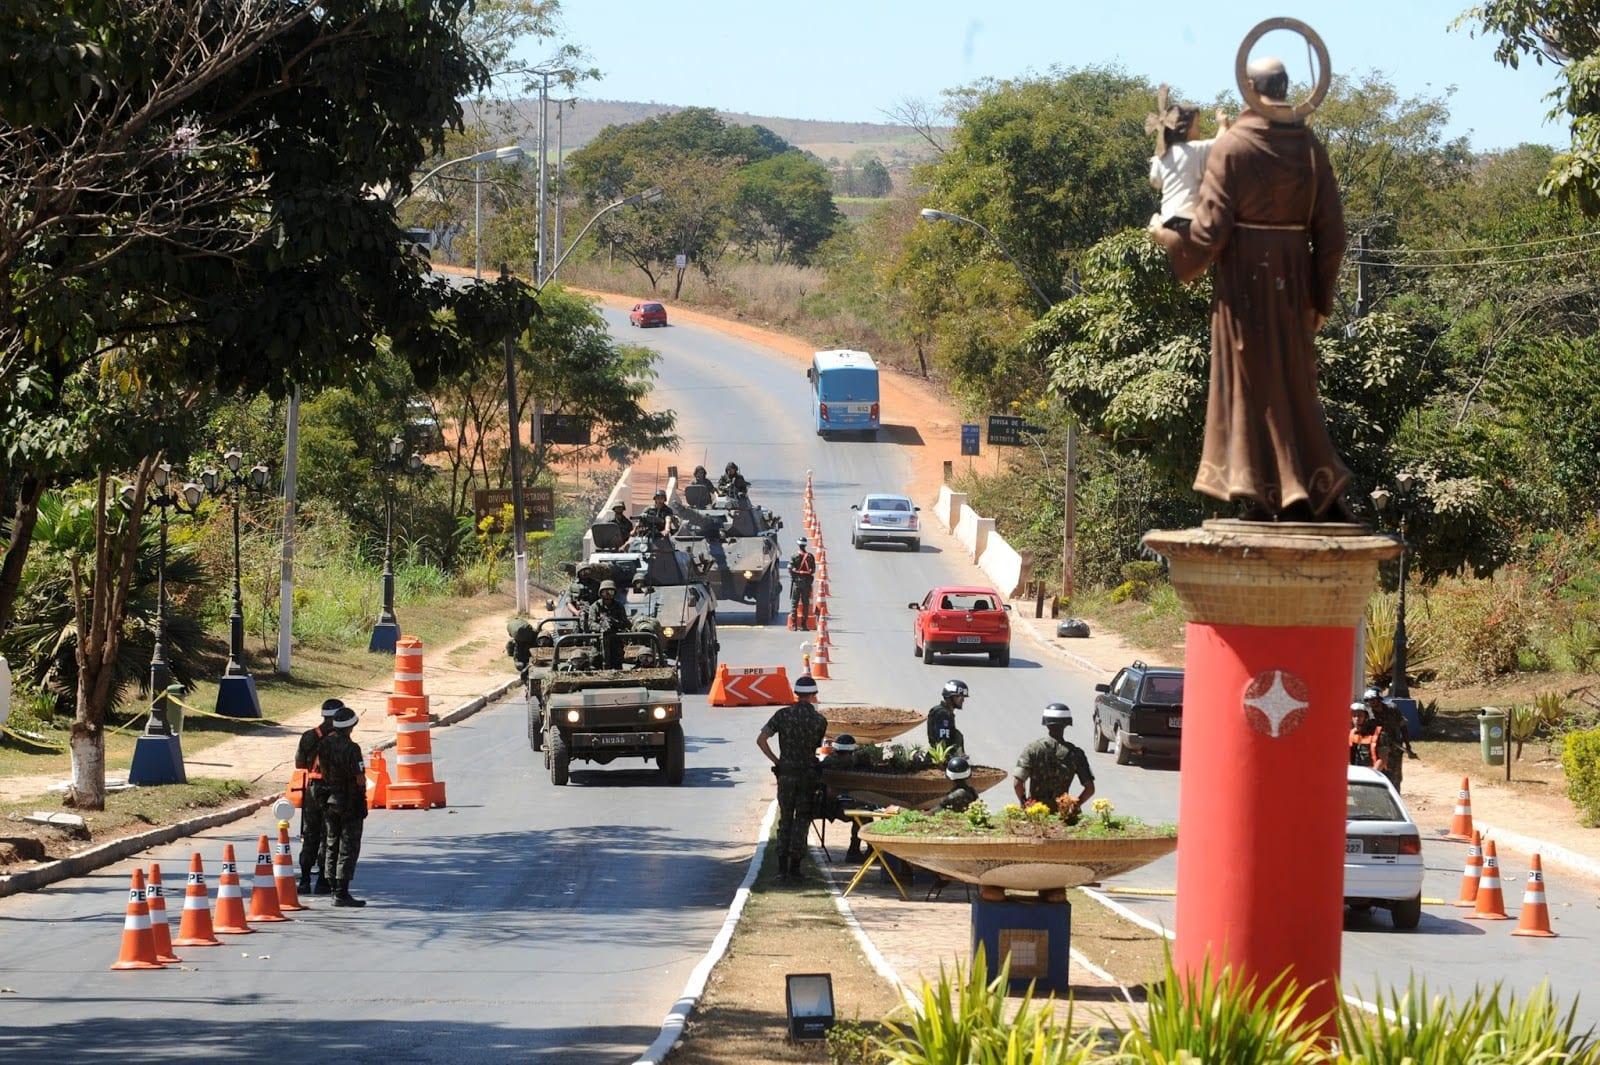 Santo Antônio do Descoberto Goiás fonte: diaonline.ig.com.br